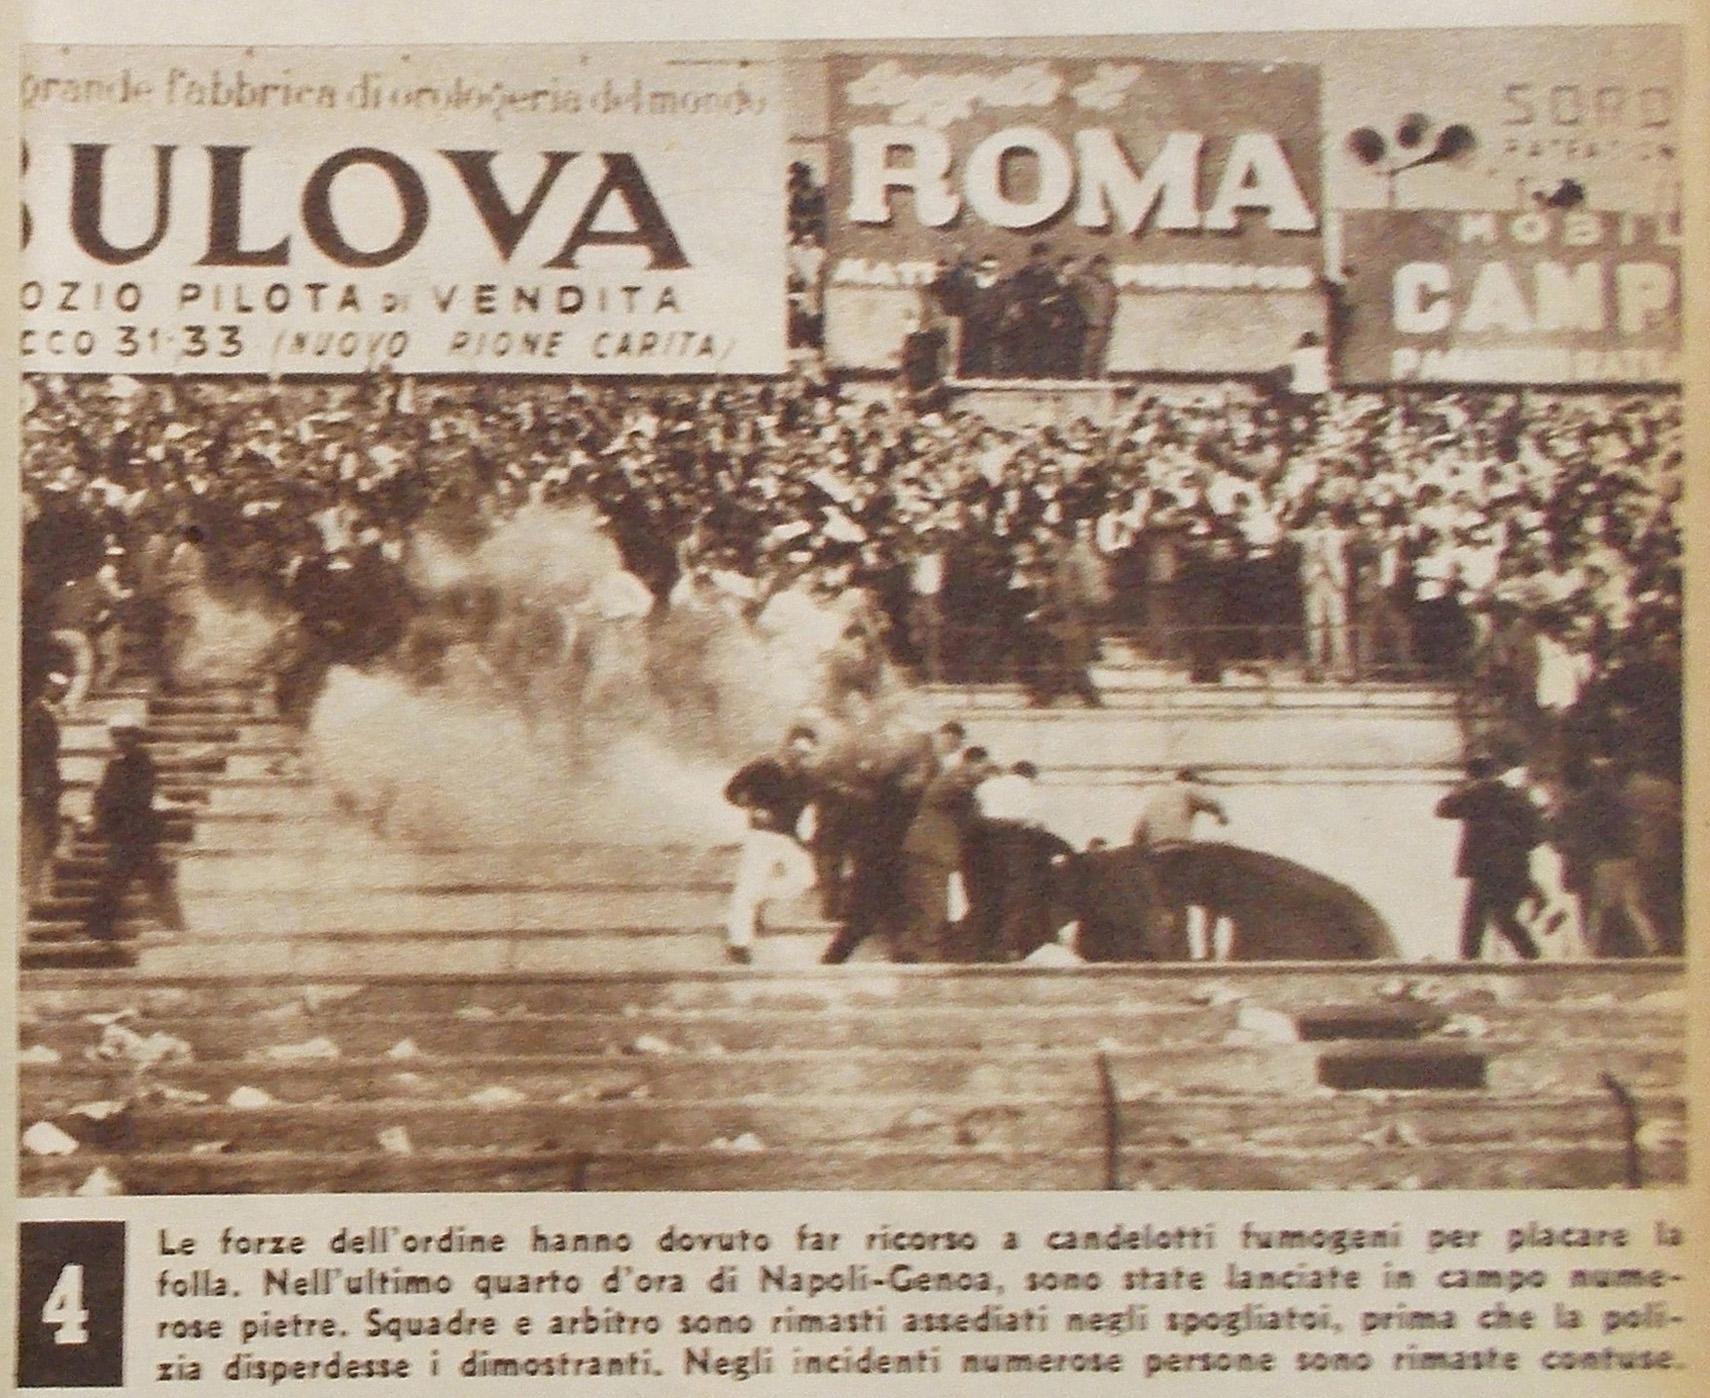 Un lancio d'oggetti all'improvviso. Era il 1959, Napoli-Genoa, e fu amore